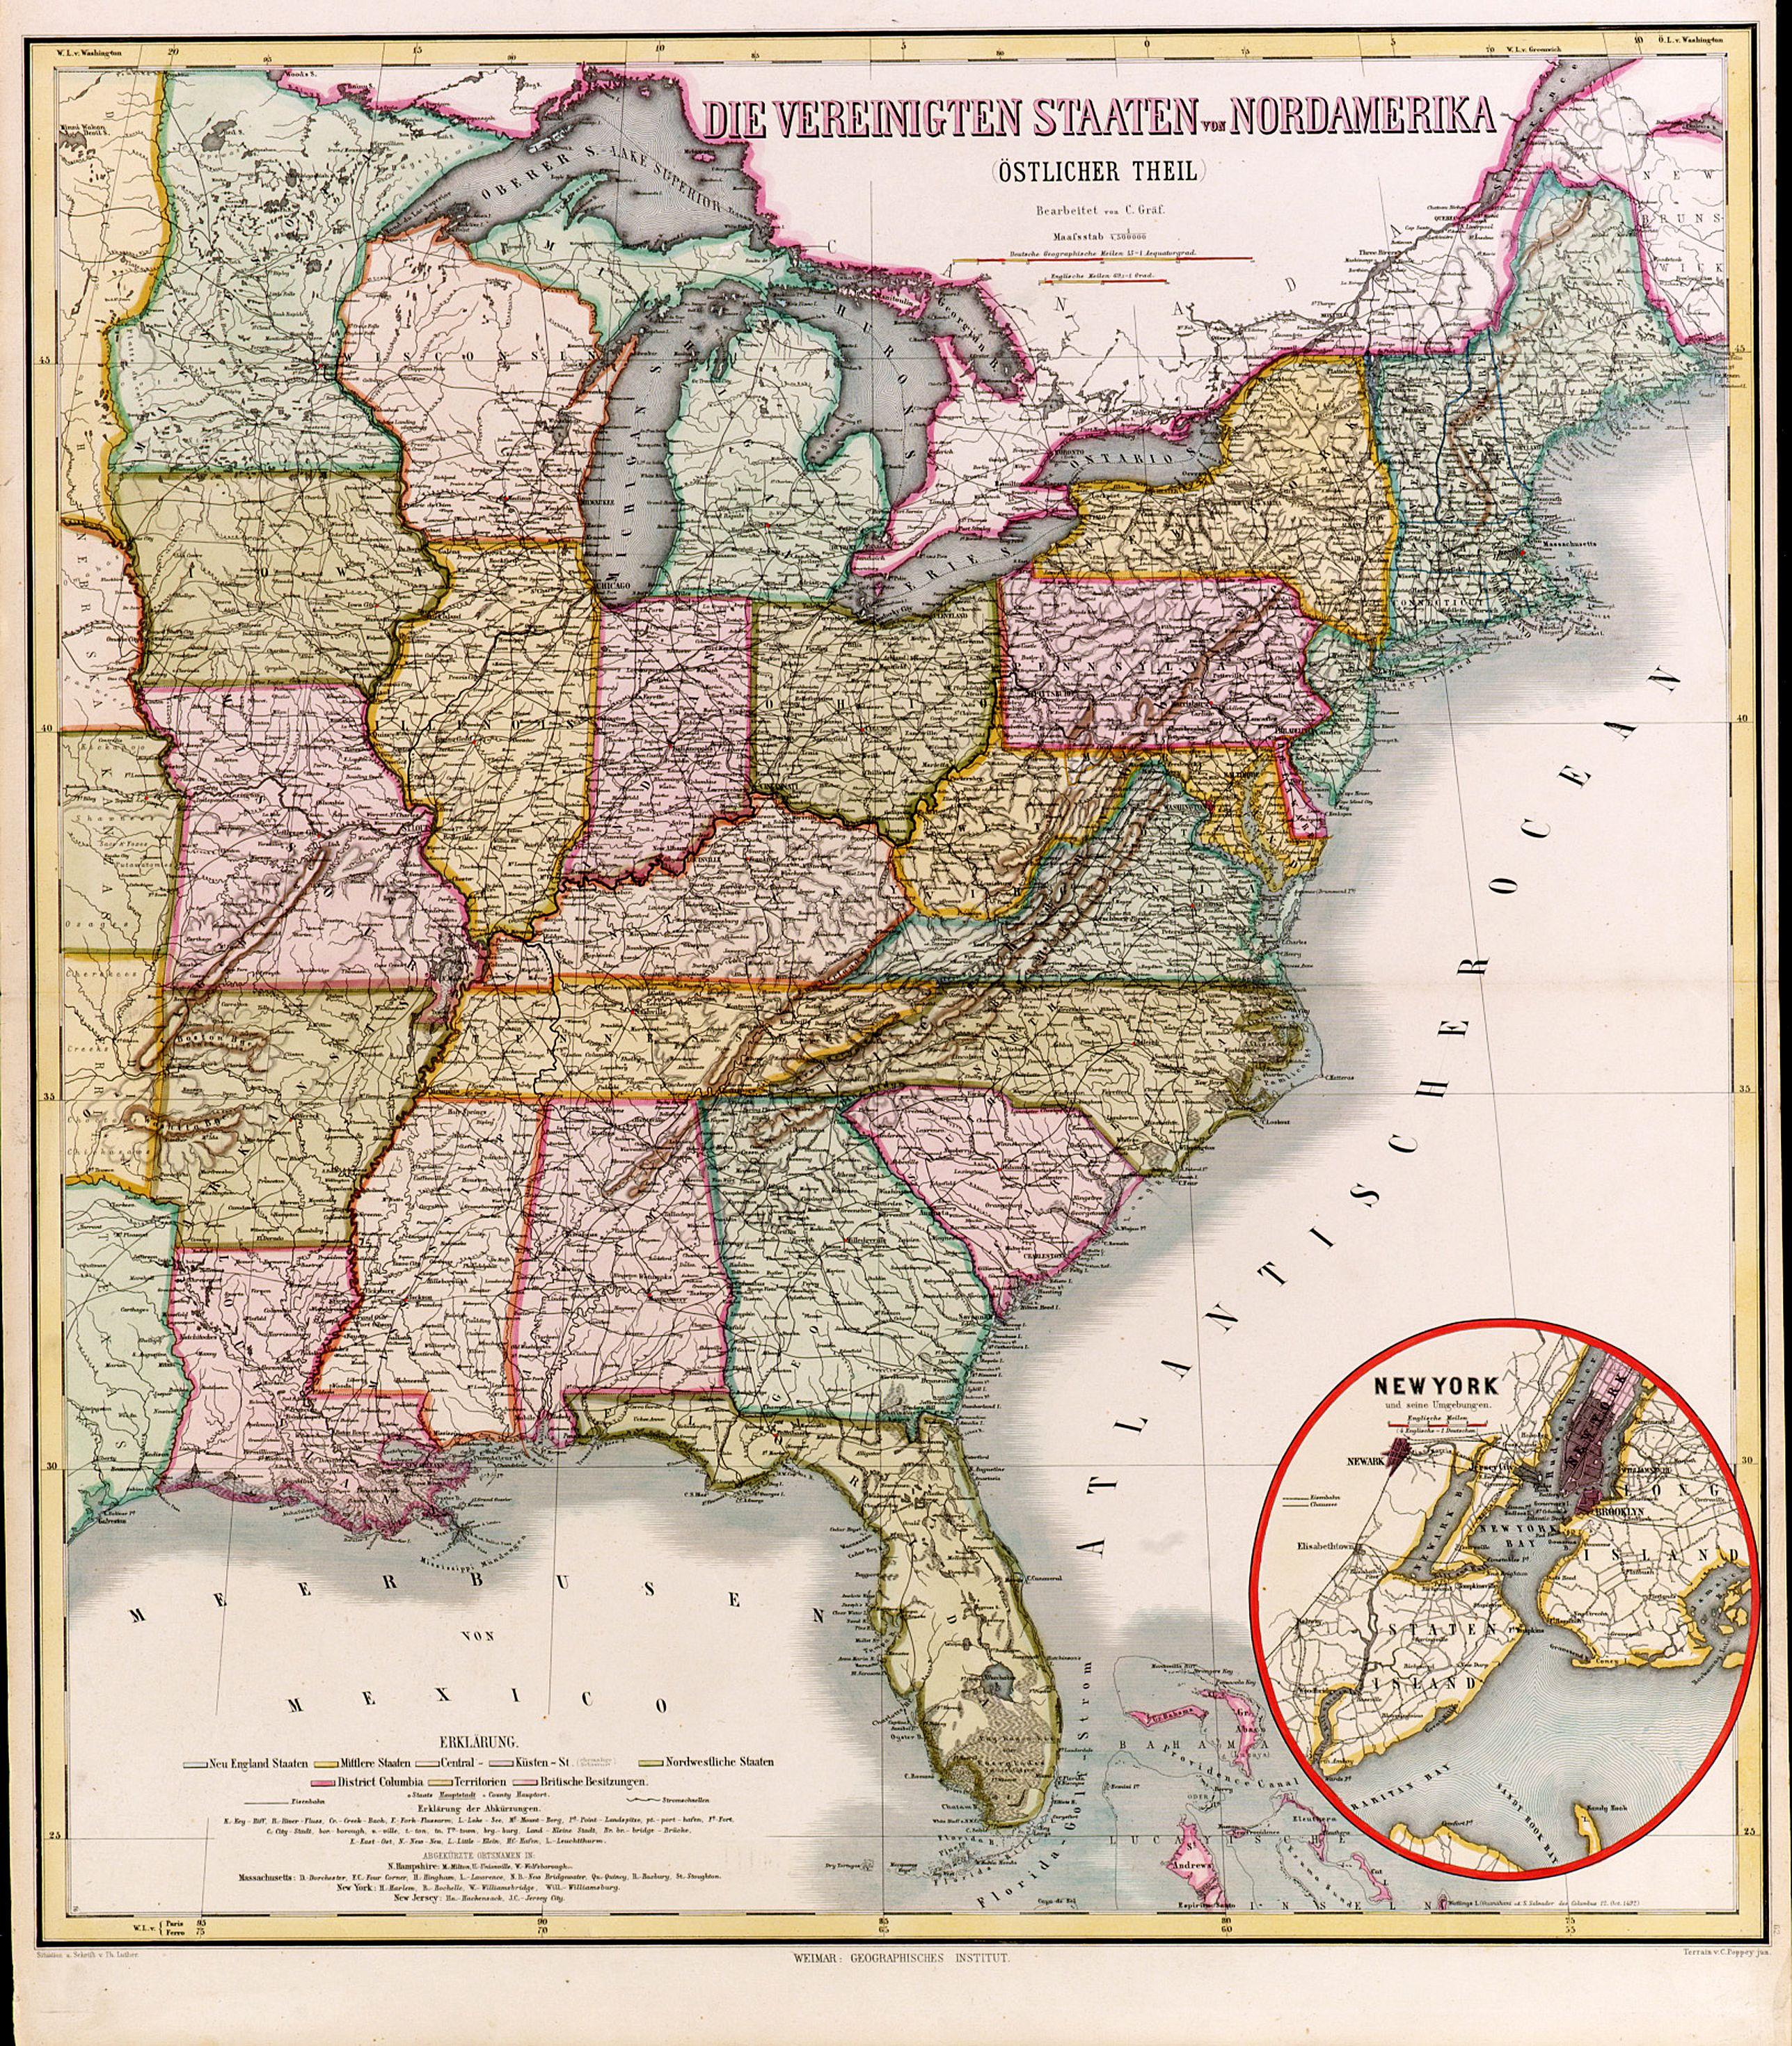 GRÄF, C. -  Die Vereinigten Staten von Nordamerika (Ostlicher theil).